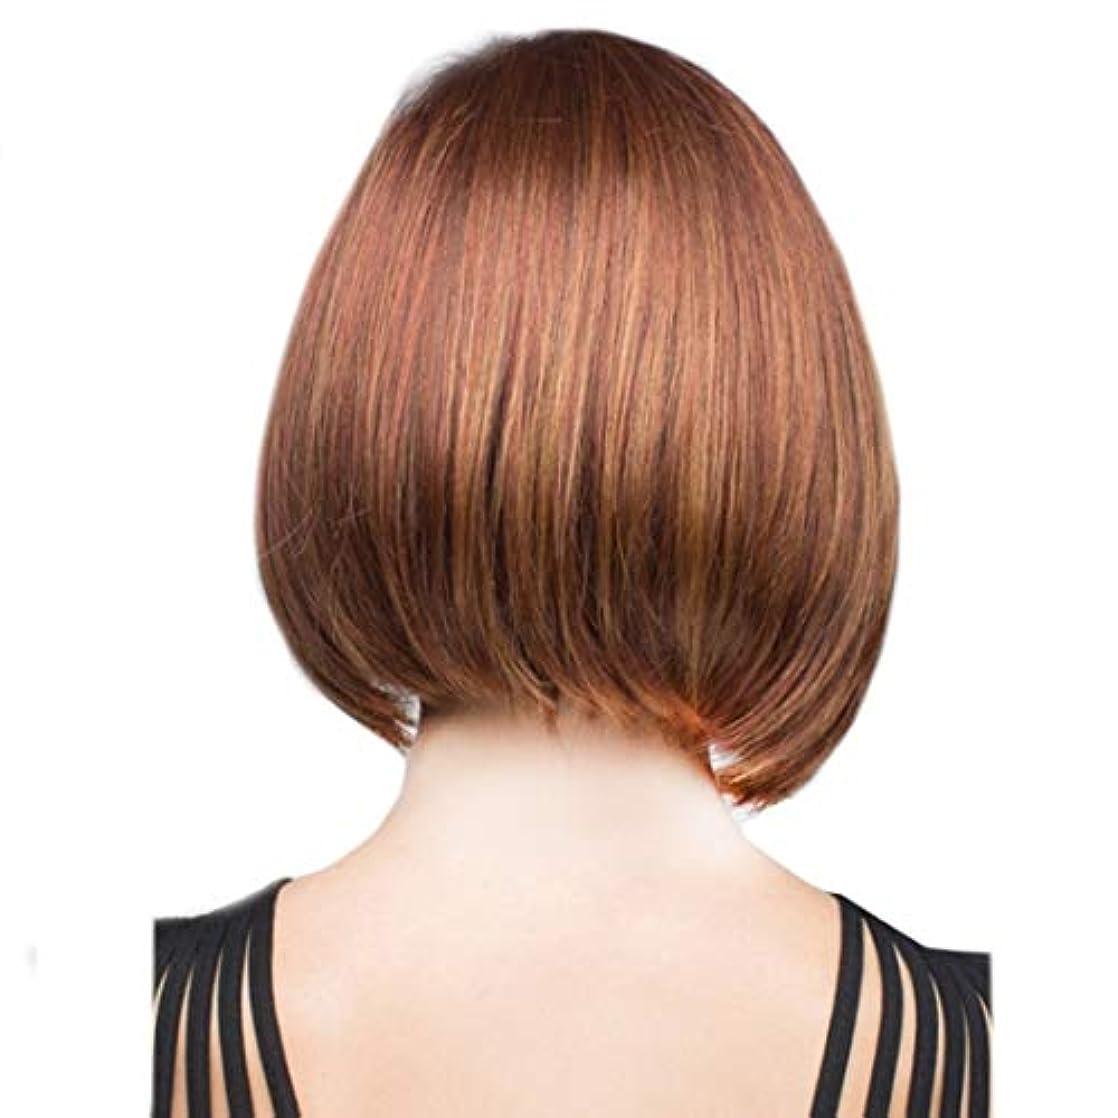 作者思いつく引き金Kerwinner ショートボブの髪ウィッグストレート前髪付き合成カラフルなコスプレデイリーパーティーウィッグ本物の髪として自然な女性のための